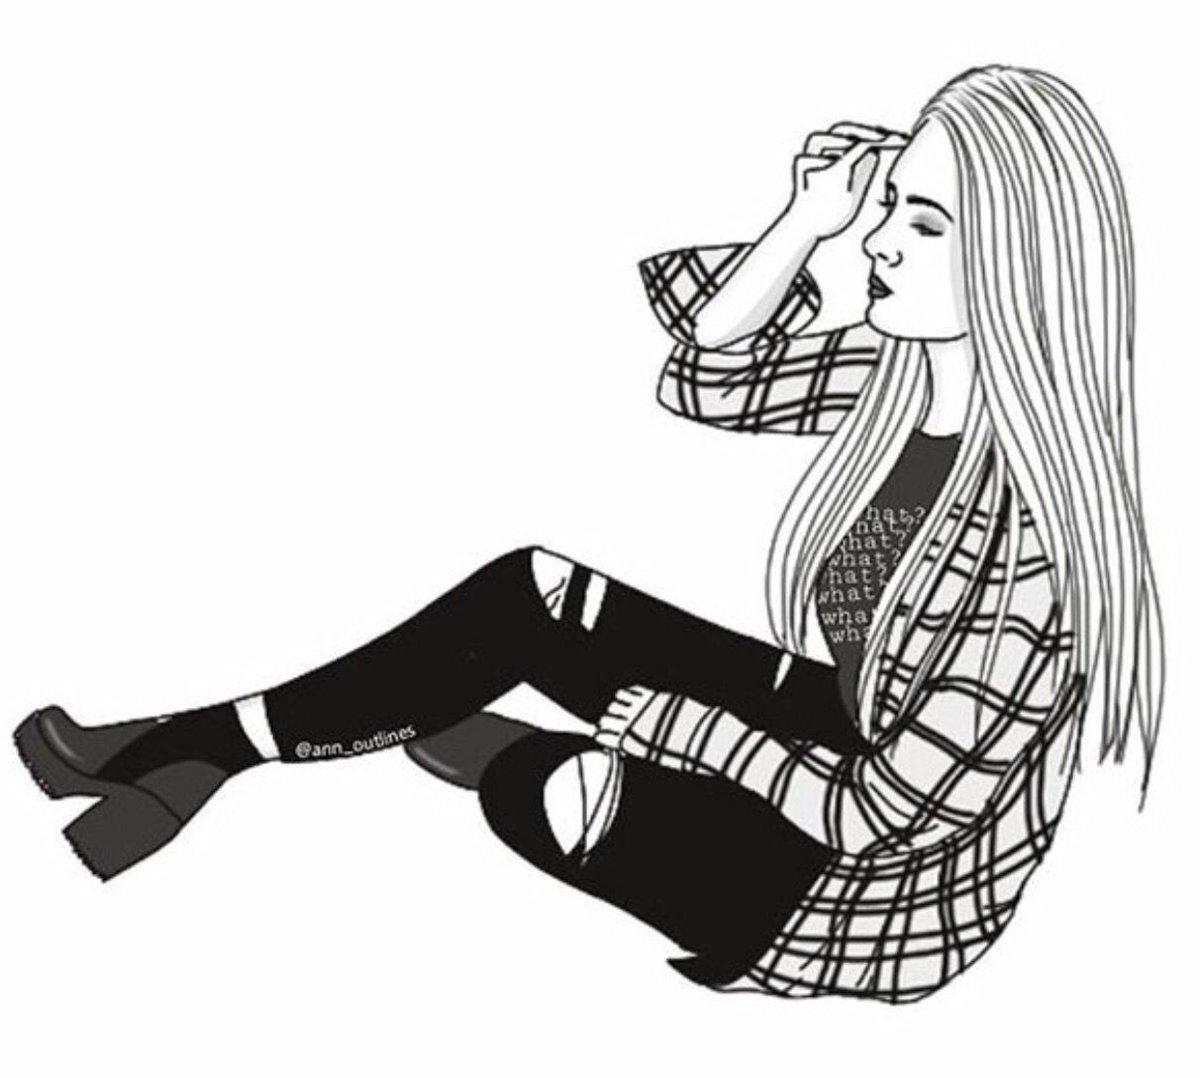 Август надписями, идеи для лд картинки распечатать черно белые девочек